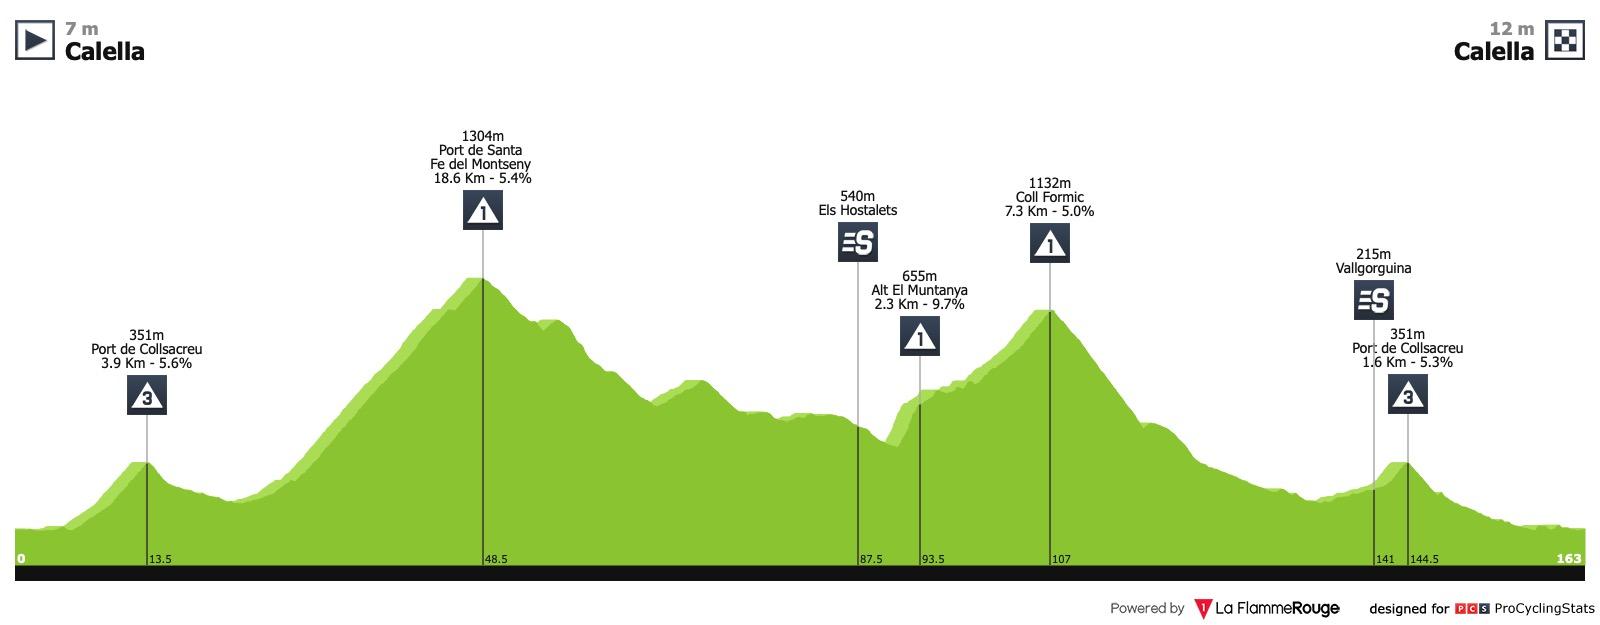 Volta Ciclista a Catalunya (2.HC) du 25 au 31 mars Volta-a-catalunya-2019-stage-1-profile-2d6b9b9b3a